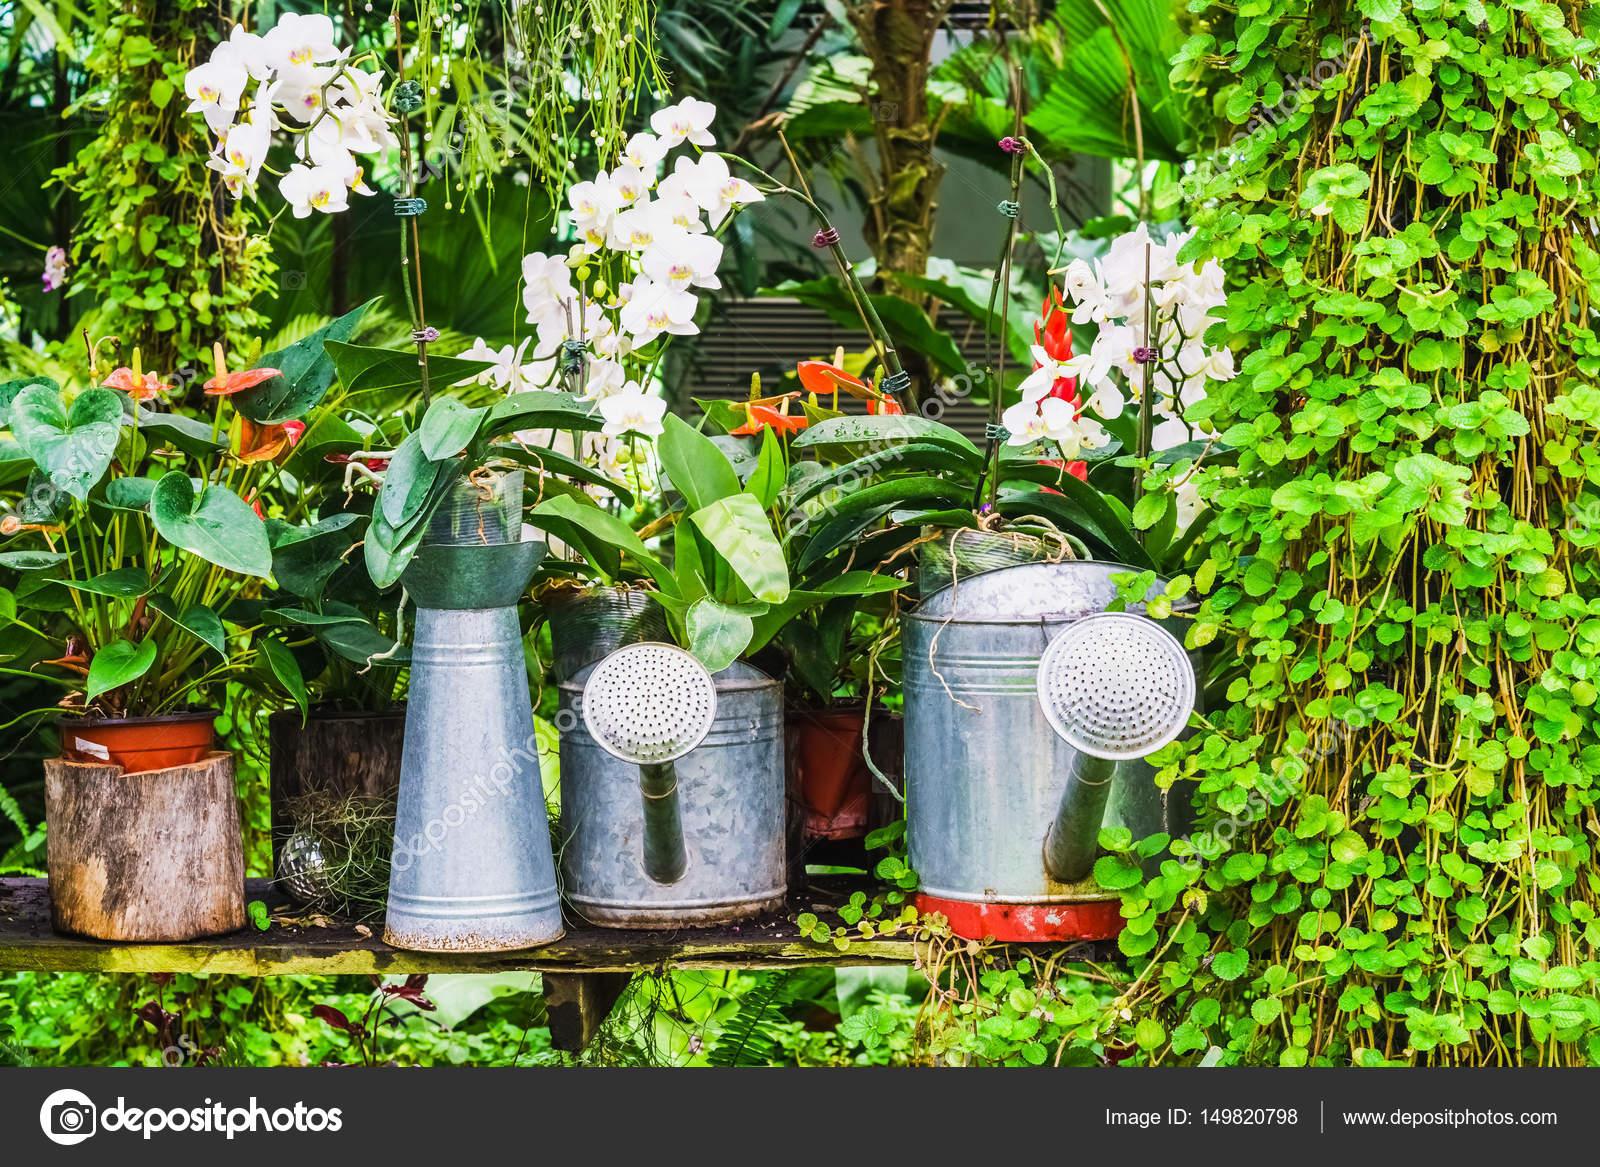 Tuin decoratie idee met behulp van het water kan in tropische tuin